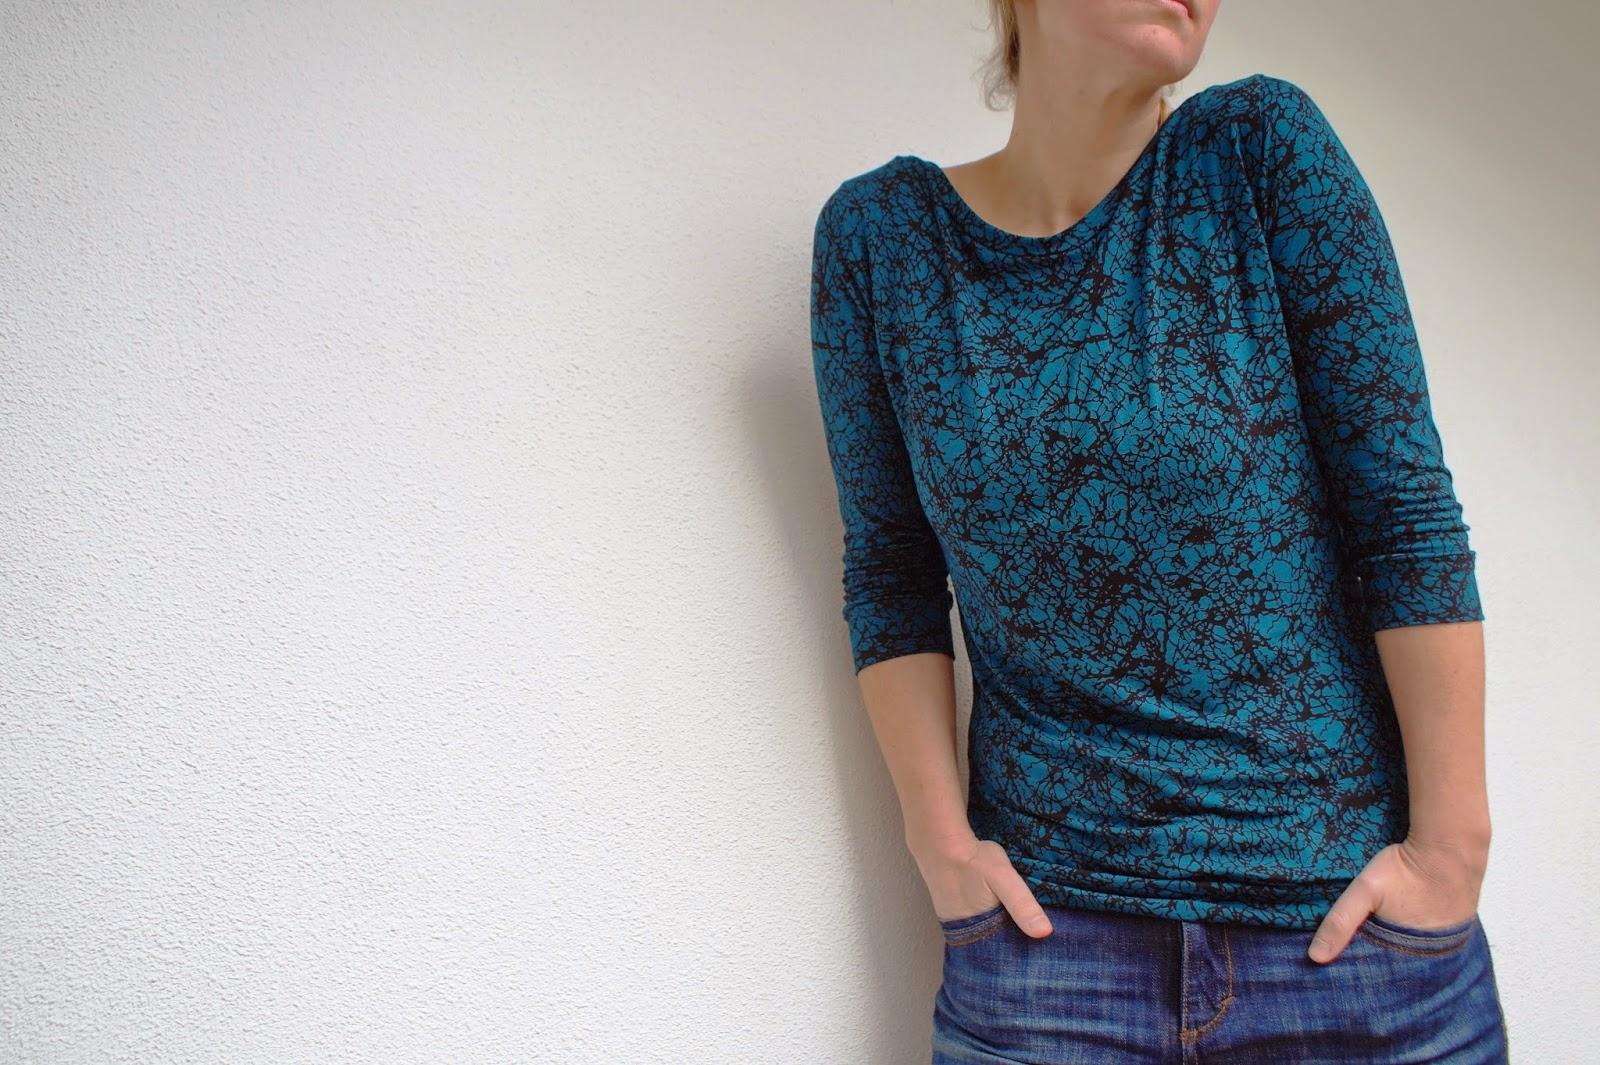 Otium sweater (pattern Sofilantjes) - huisje boompje boefjes